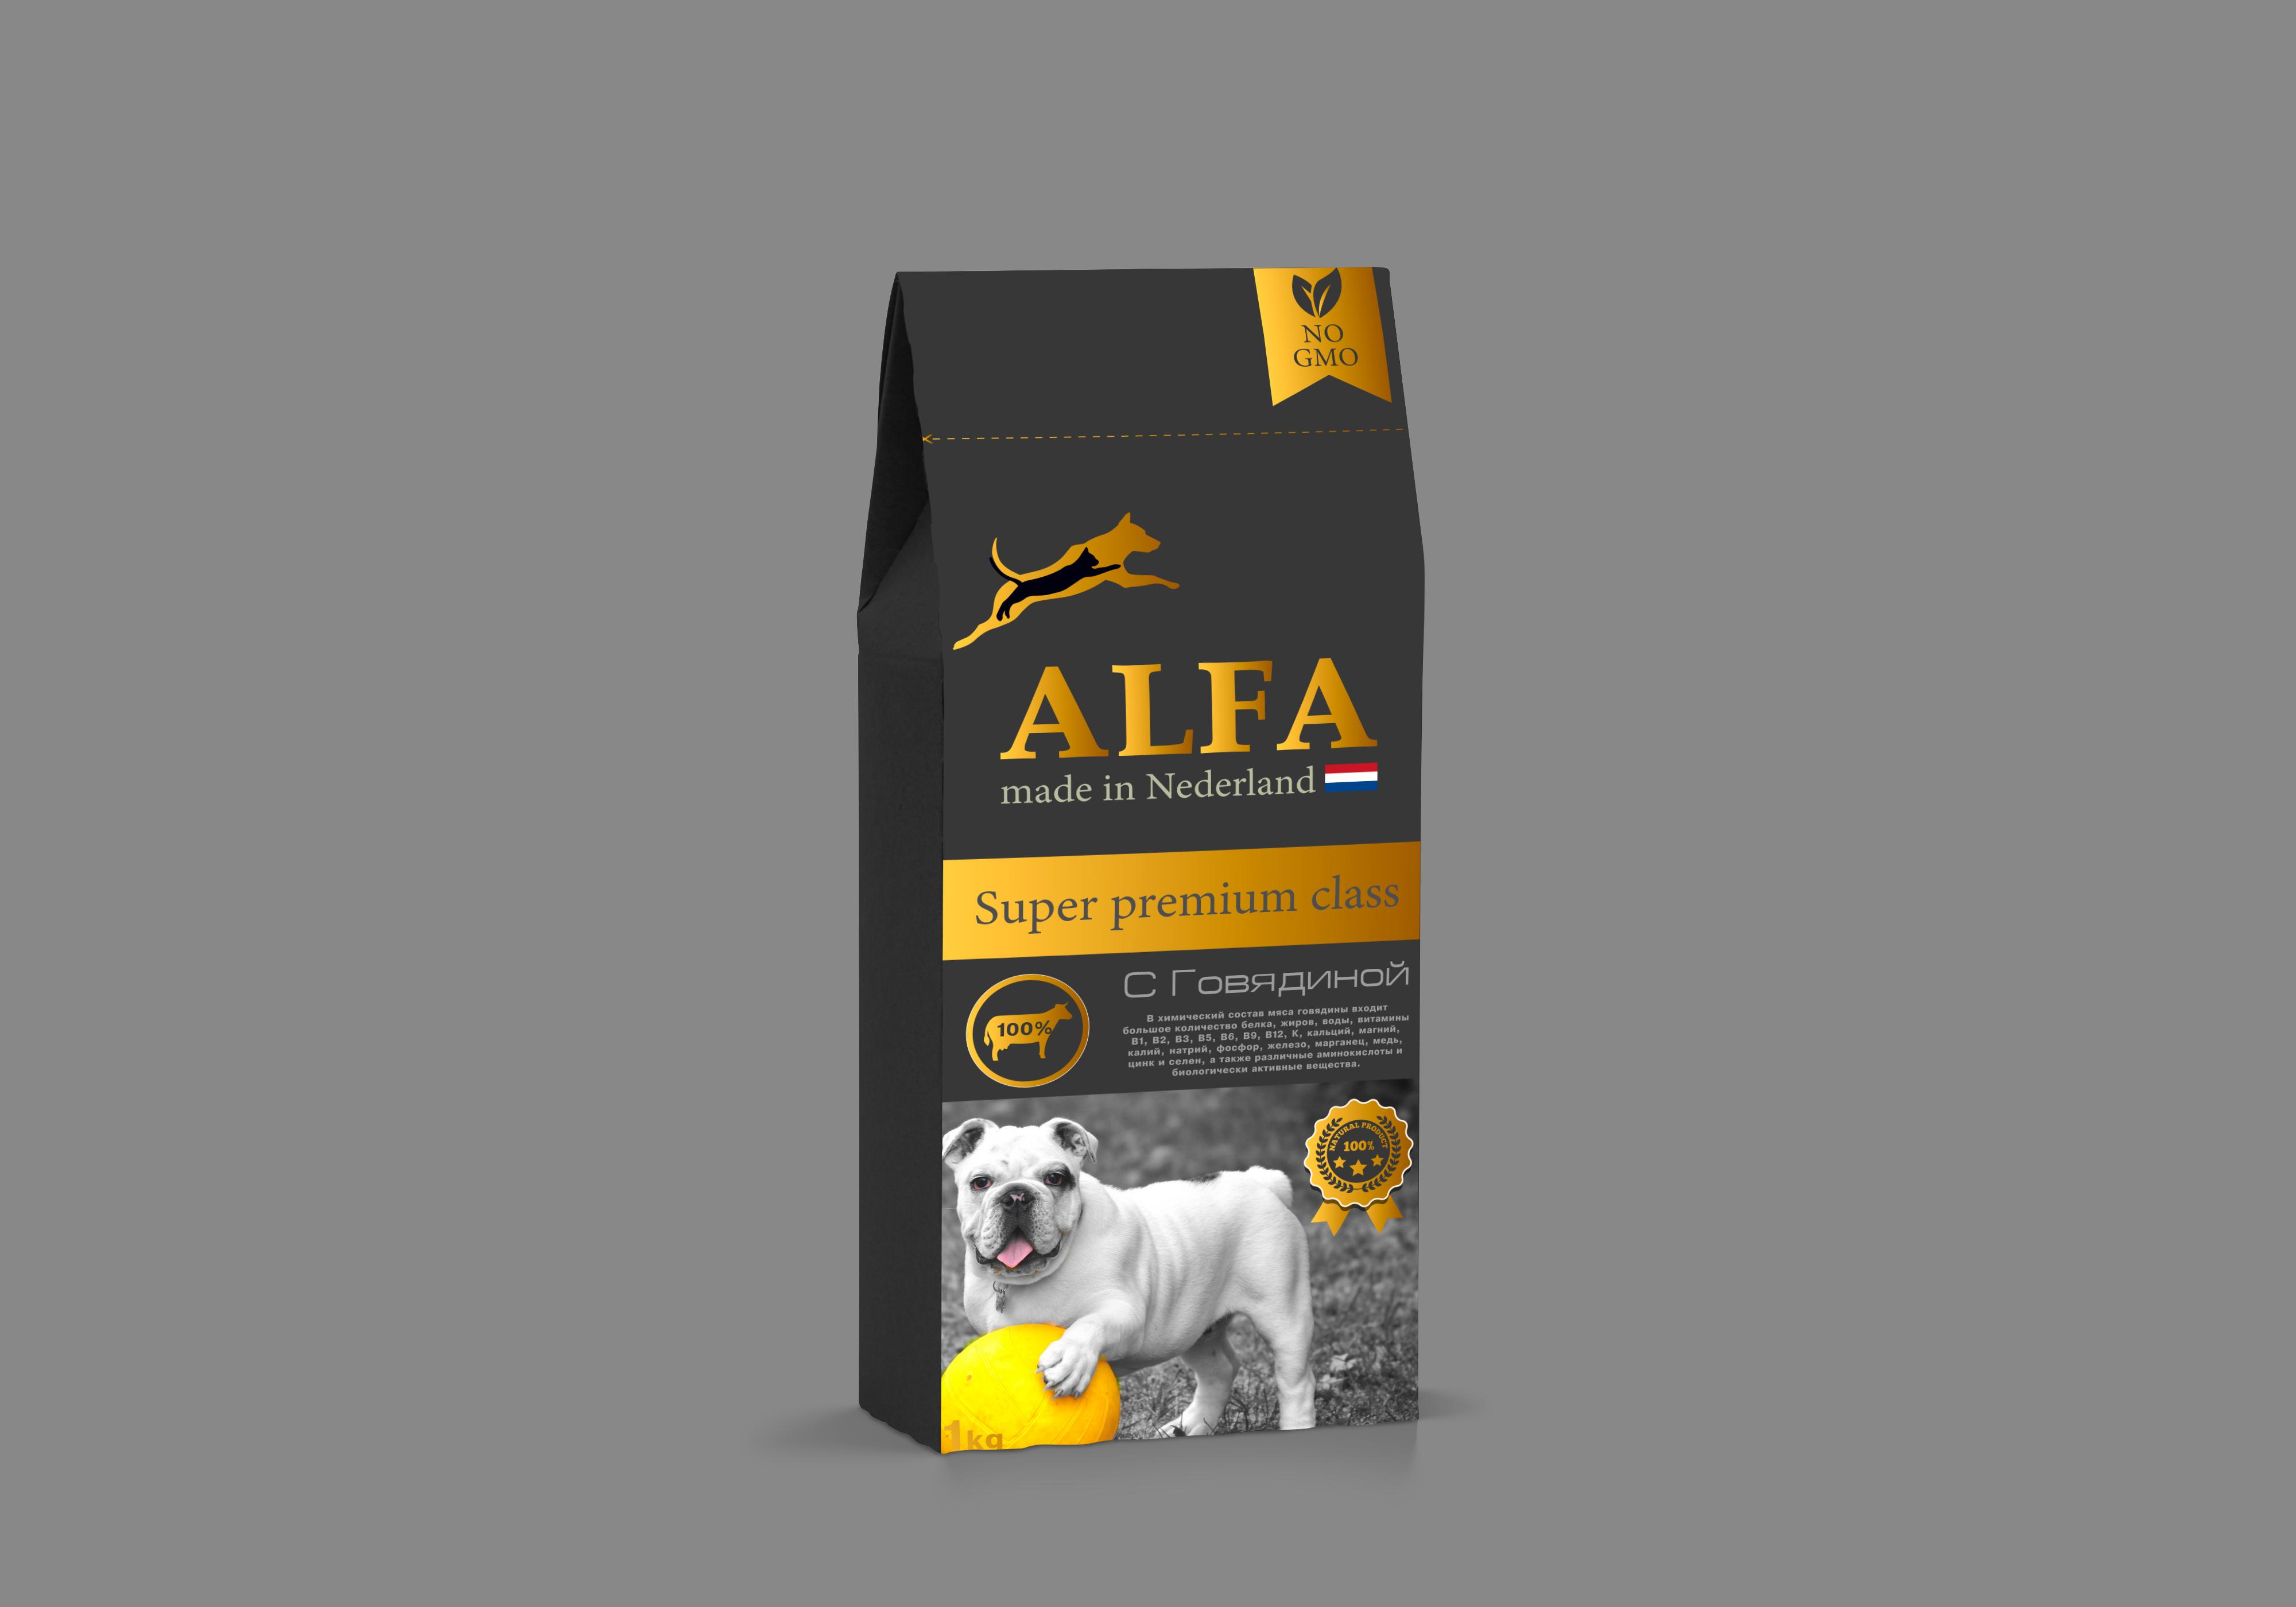 Создание дизайна упаковки для кормов для животных. фото f_6325ad79f6648d09.jpg